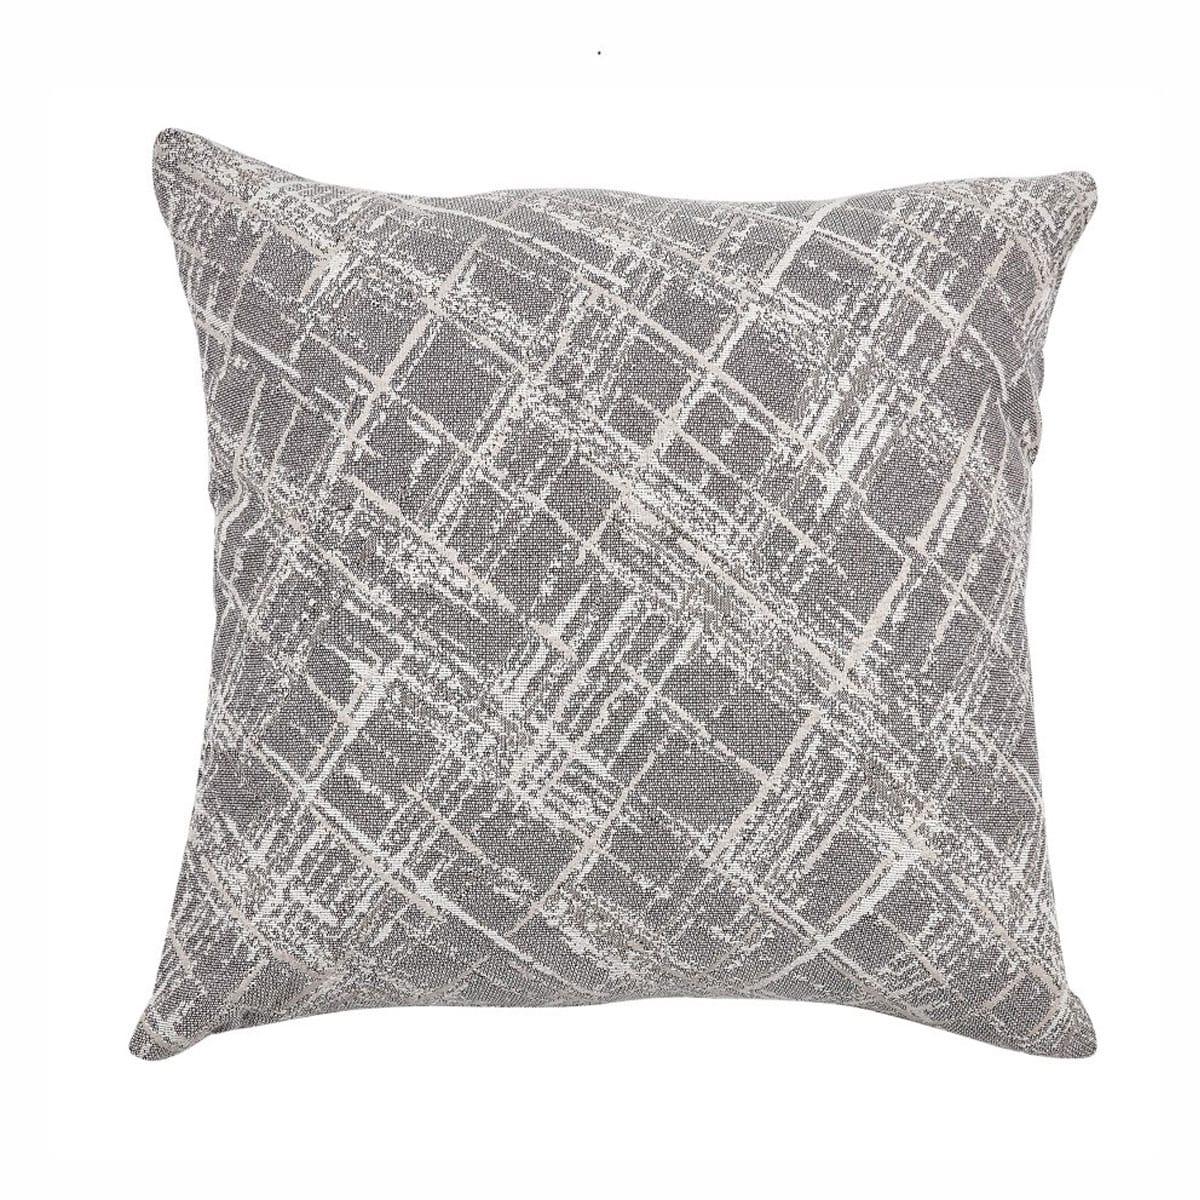 Μαξιλαροθήκη Διακοσμητική Rust 15 Grey Kentia 50X50 Βαμβάκι-Polyester